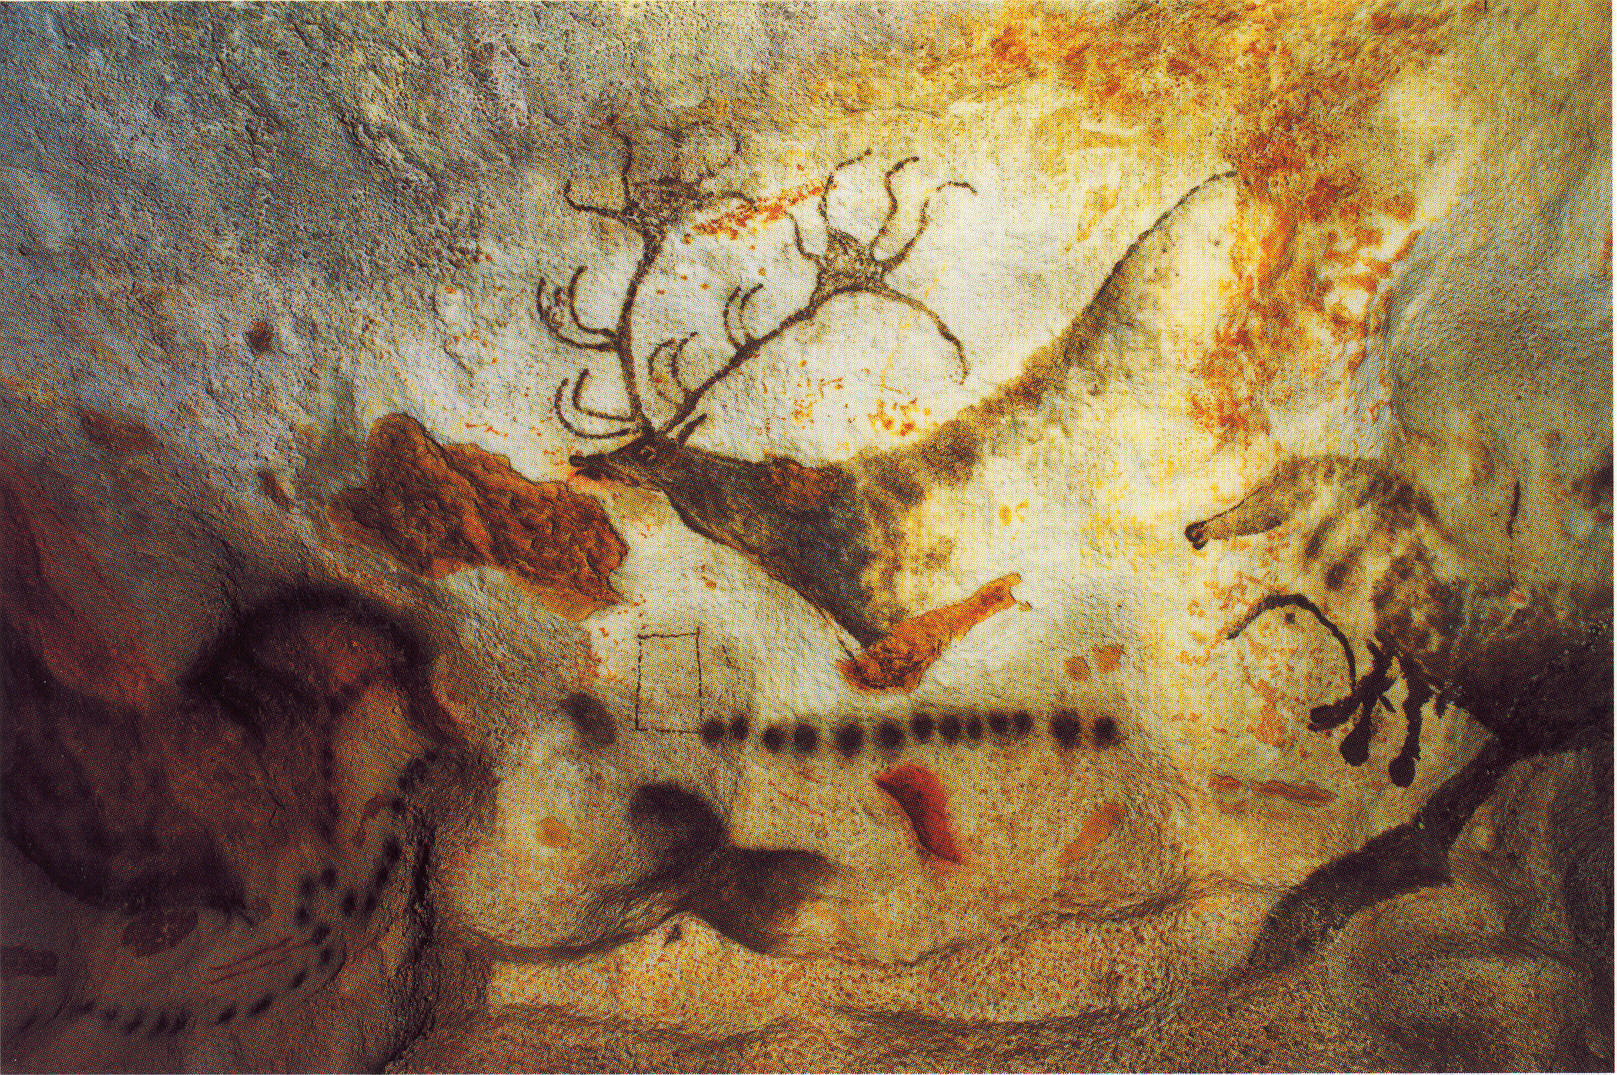 fresques  préhistoriques  de Lascaux